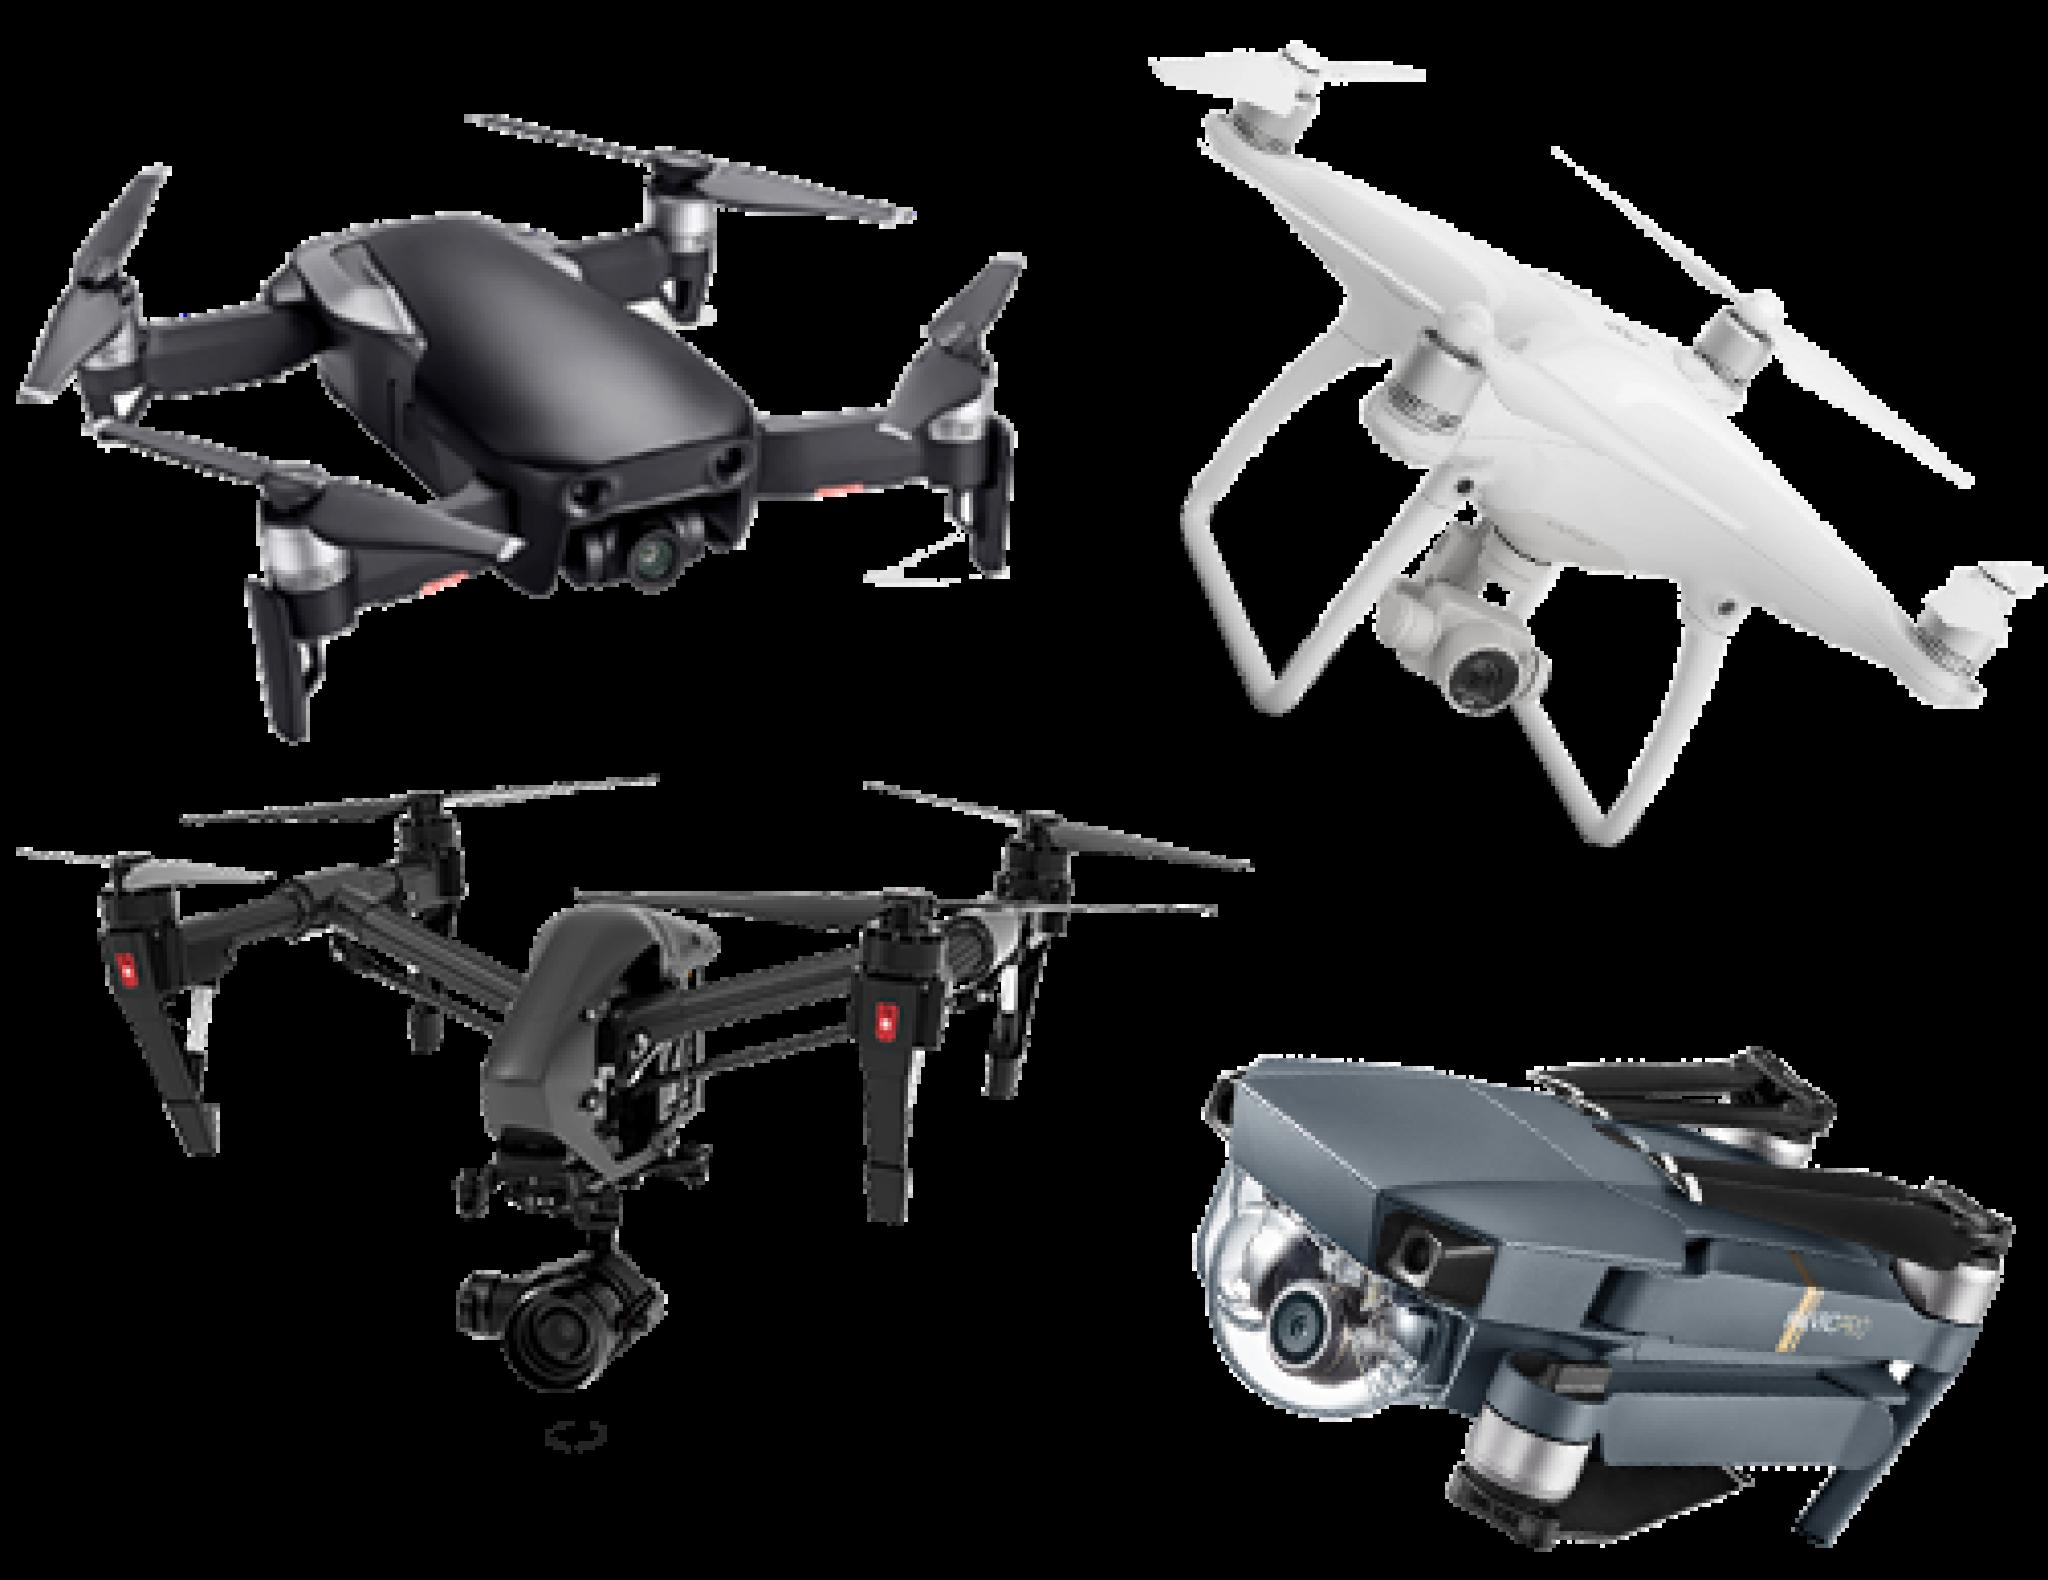 Online drone kopen? Vergelijk drone prijzen bij ons